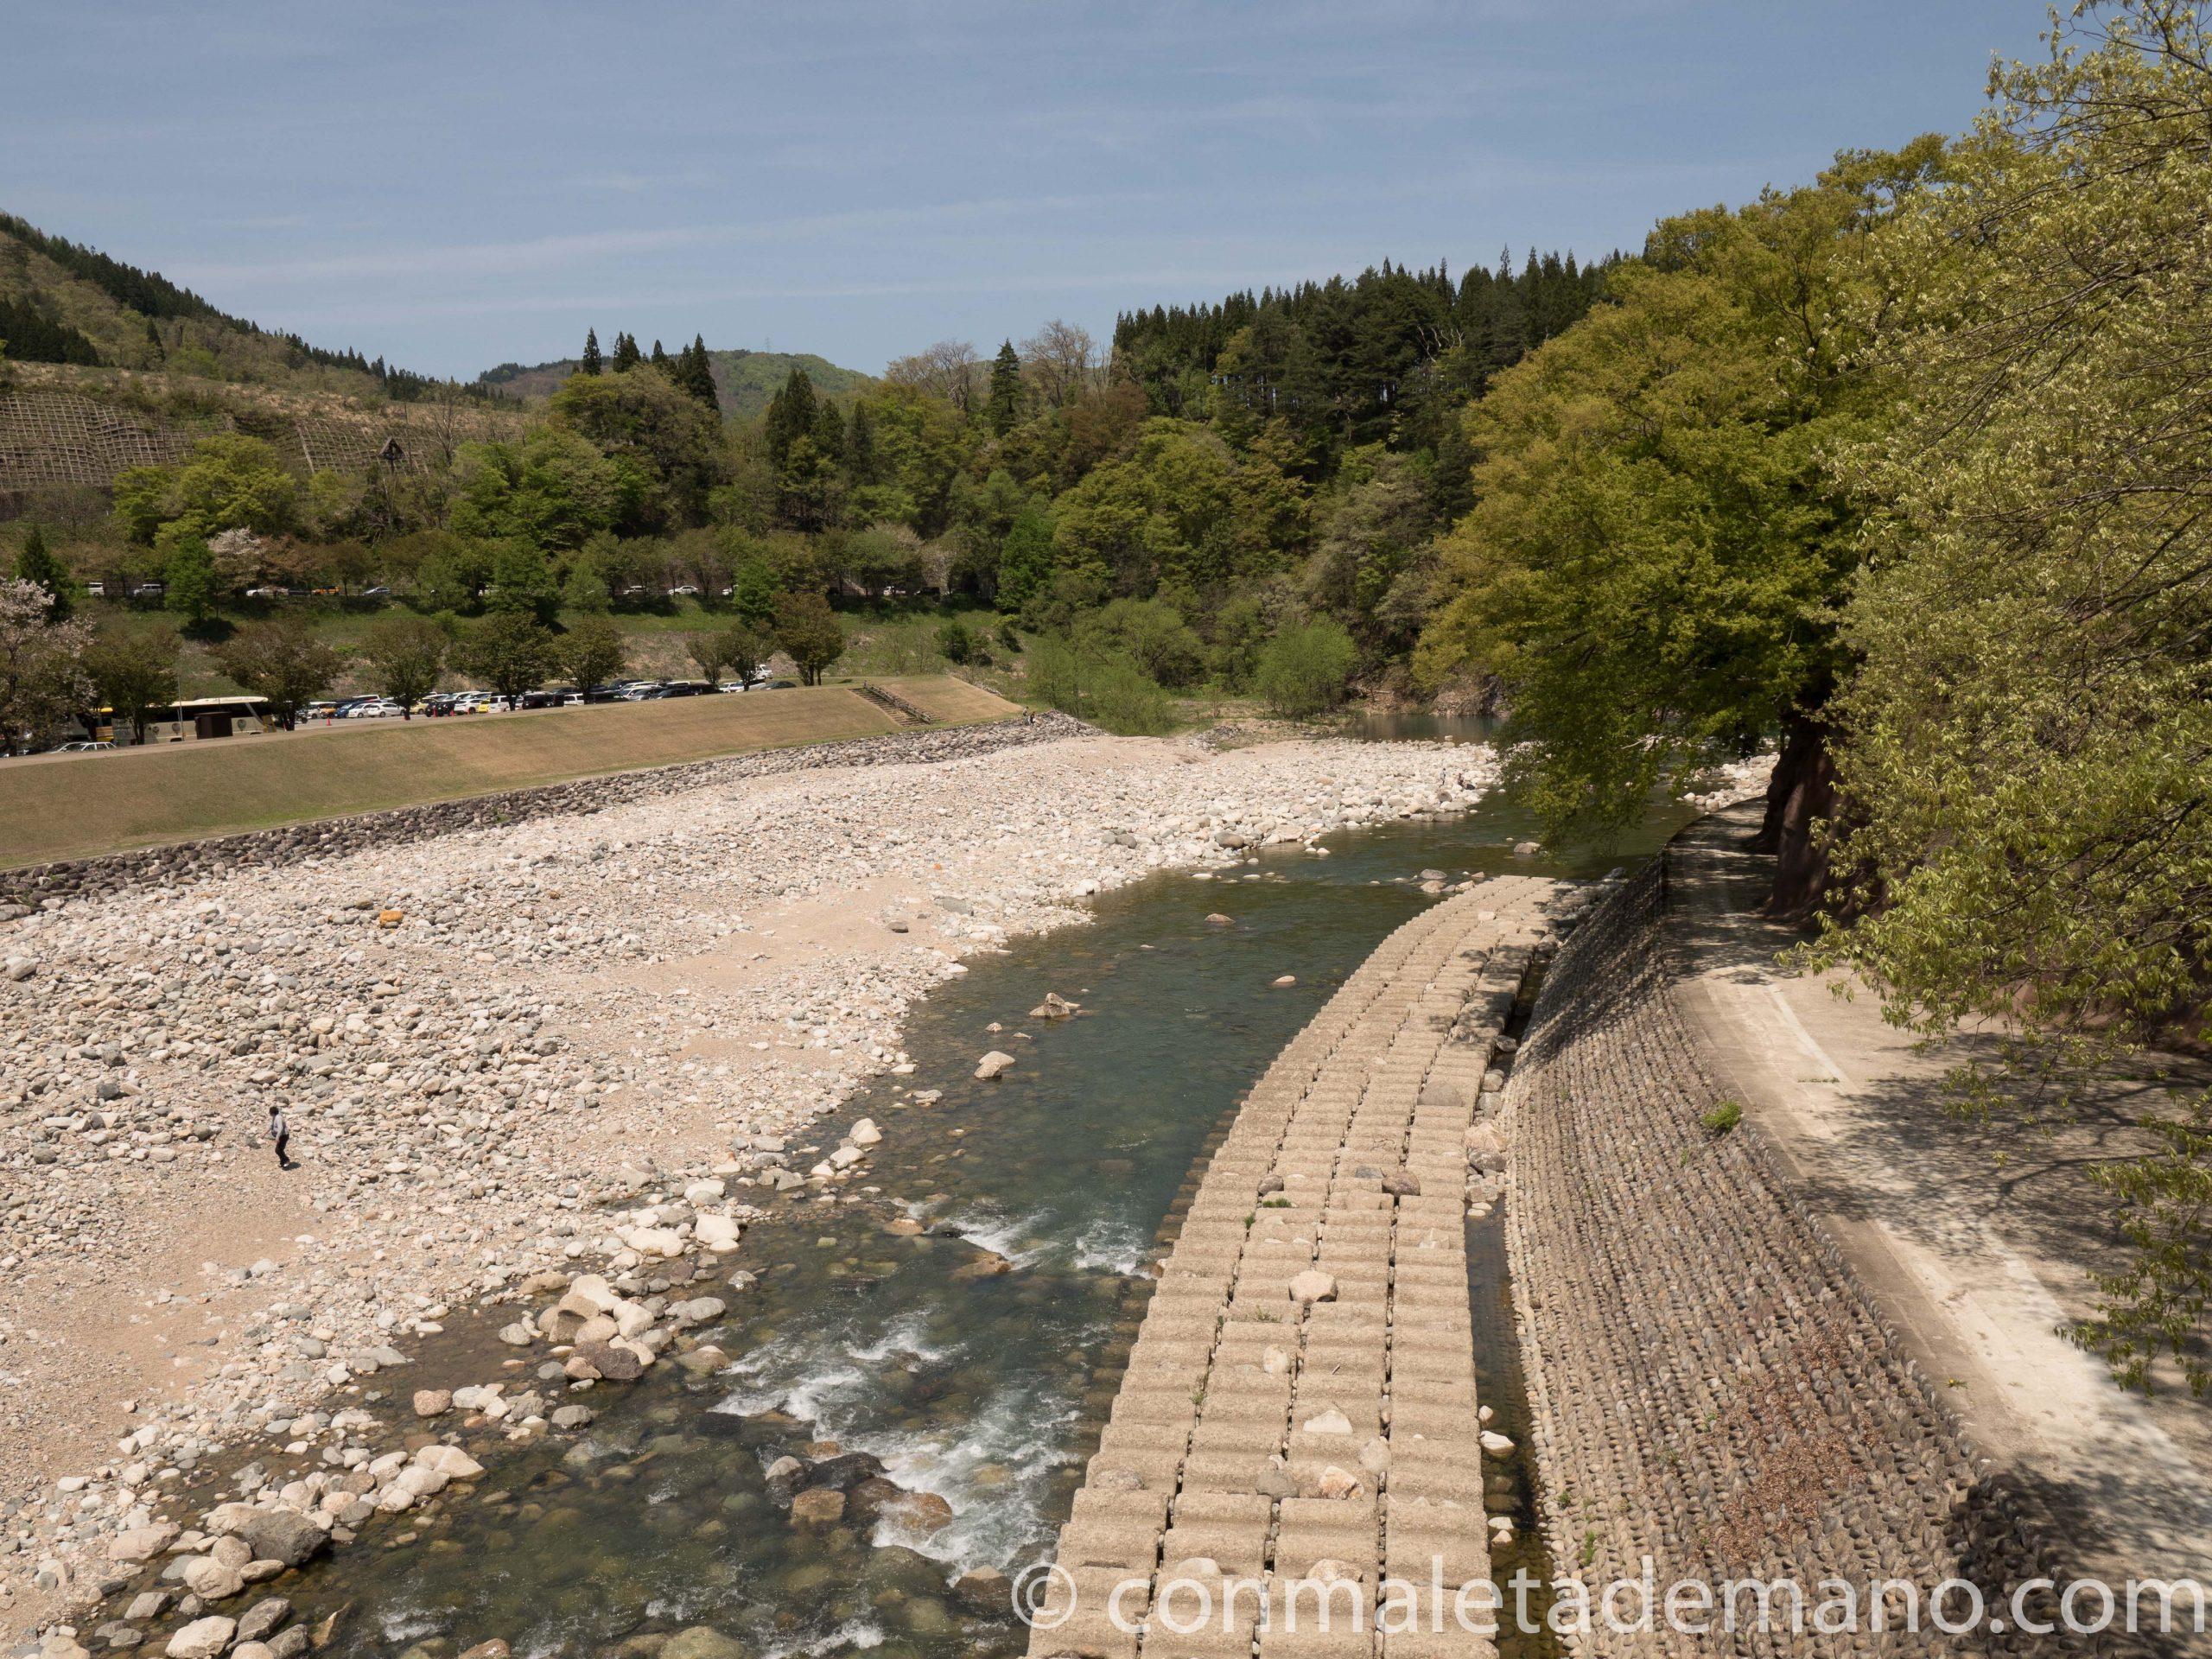 El río de Shirakawago, con poco caudal en esta época